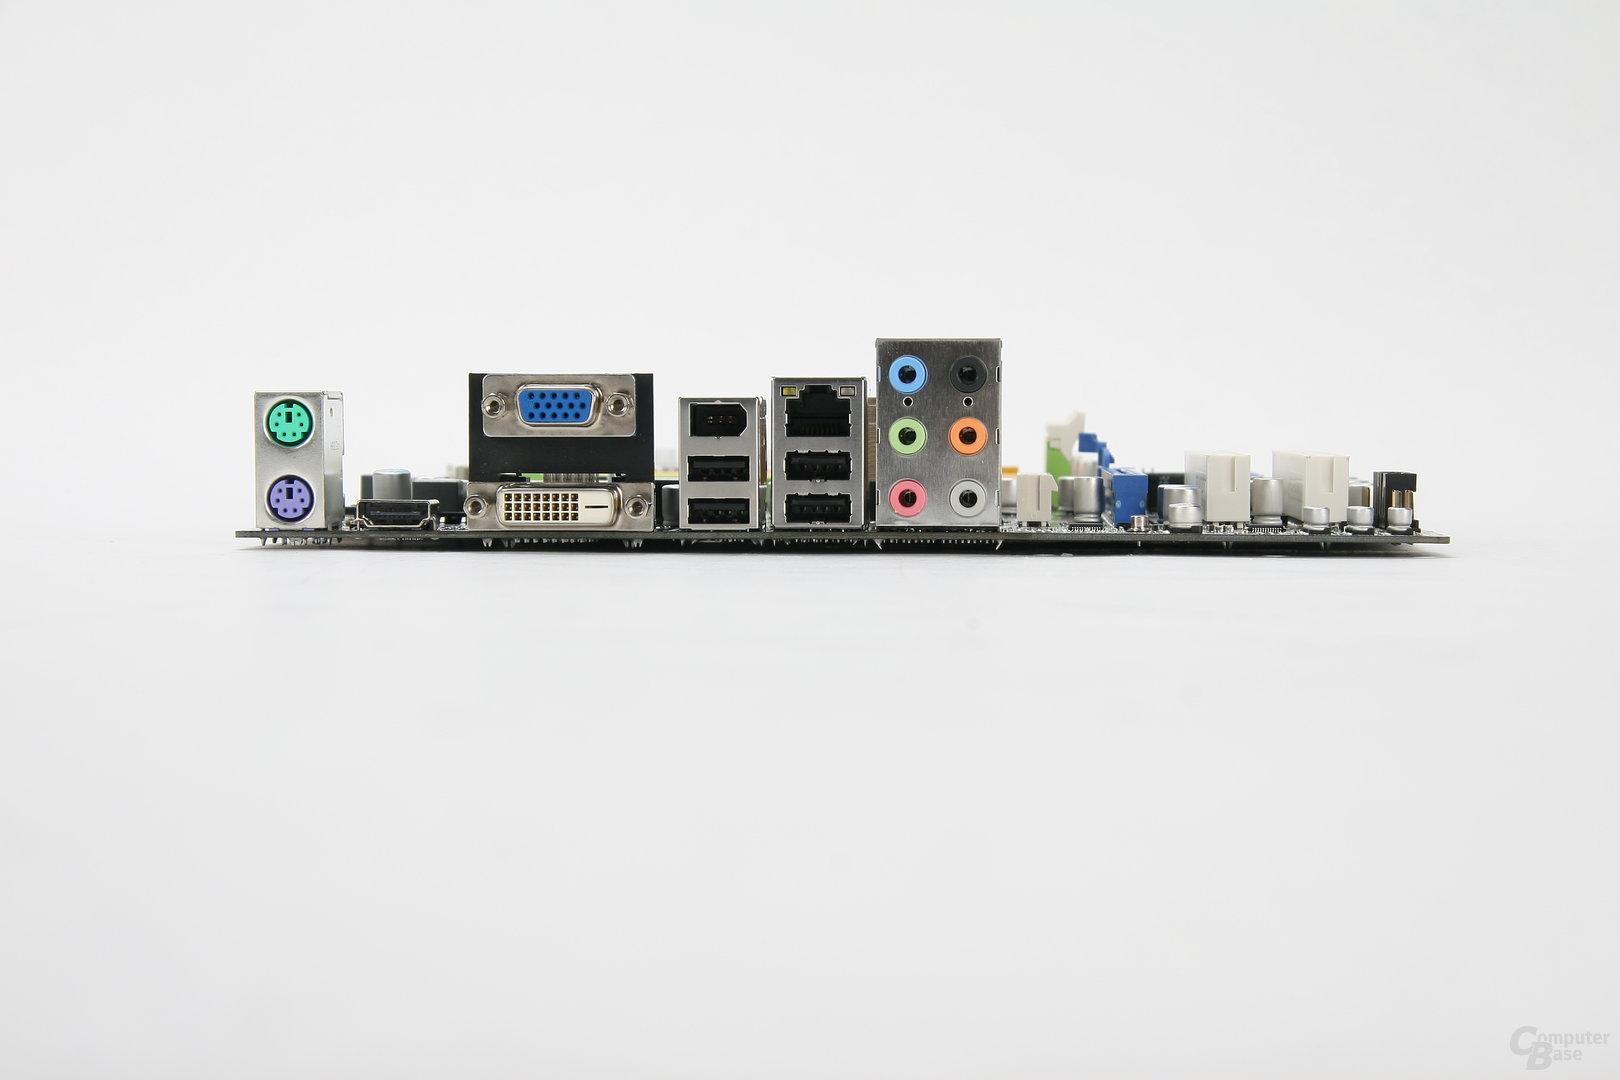 MSI-7530 P7NGM-Digital